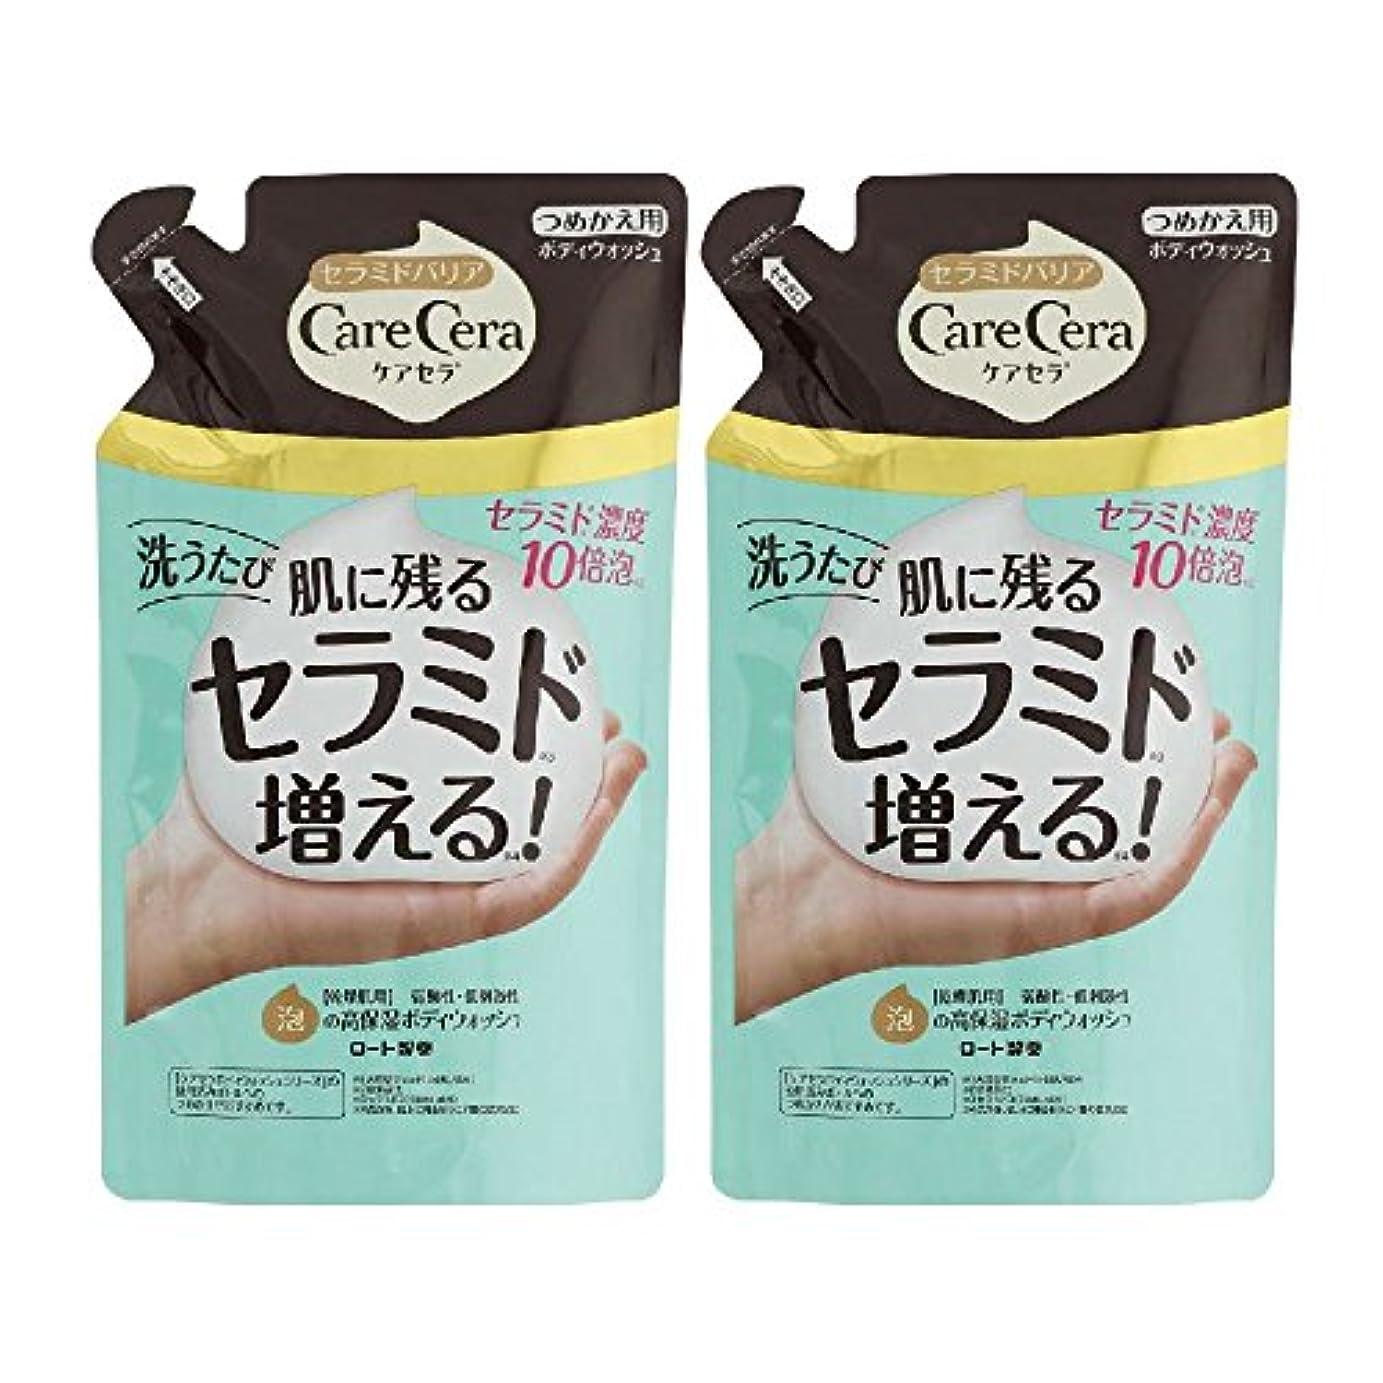 送る勇気変わるケアセラ (CareCera) 泡の高保湿 ボディウォッシュ ピュアフローラルの香り (つめかえ用) 350mL×2個 ※セバメドモイスチャーローション10mlサンプル付き